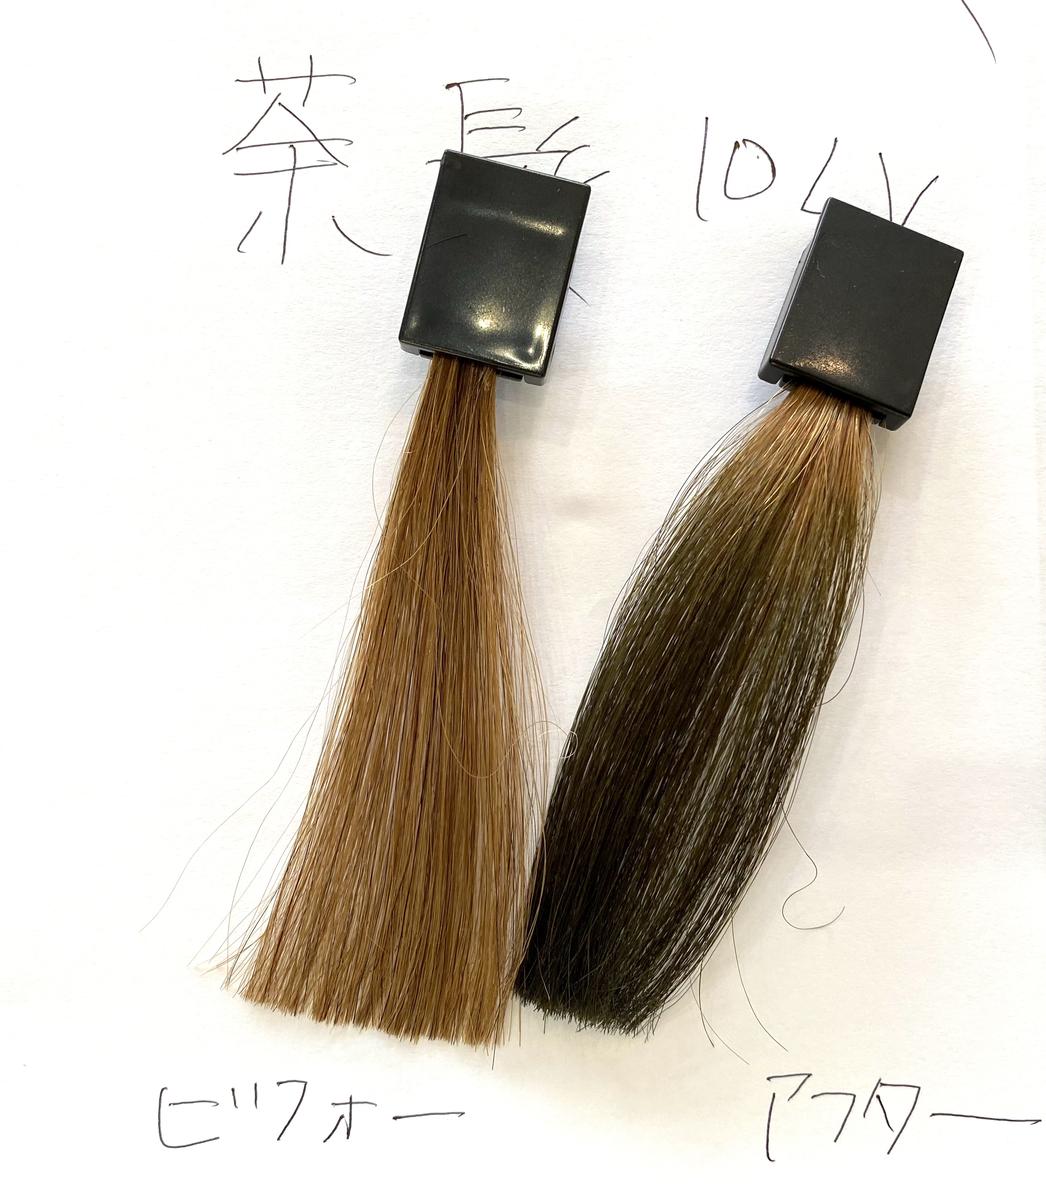 画面左が茶髪で画面右が茶髪にダークシルバーで染めた仕上がり